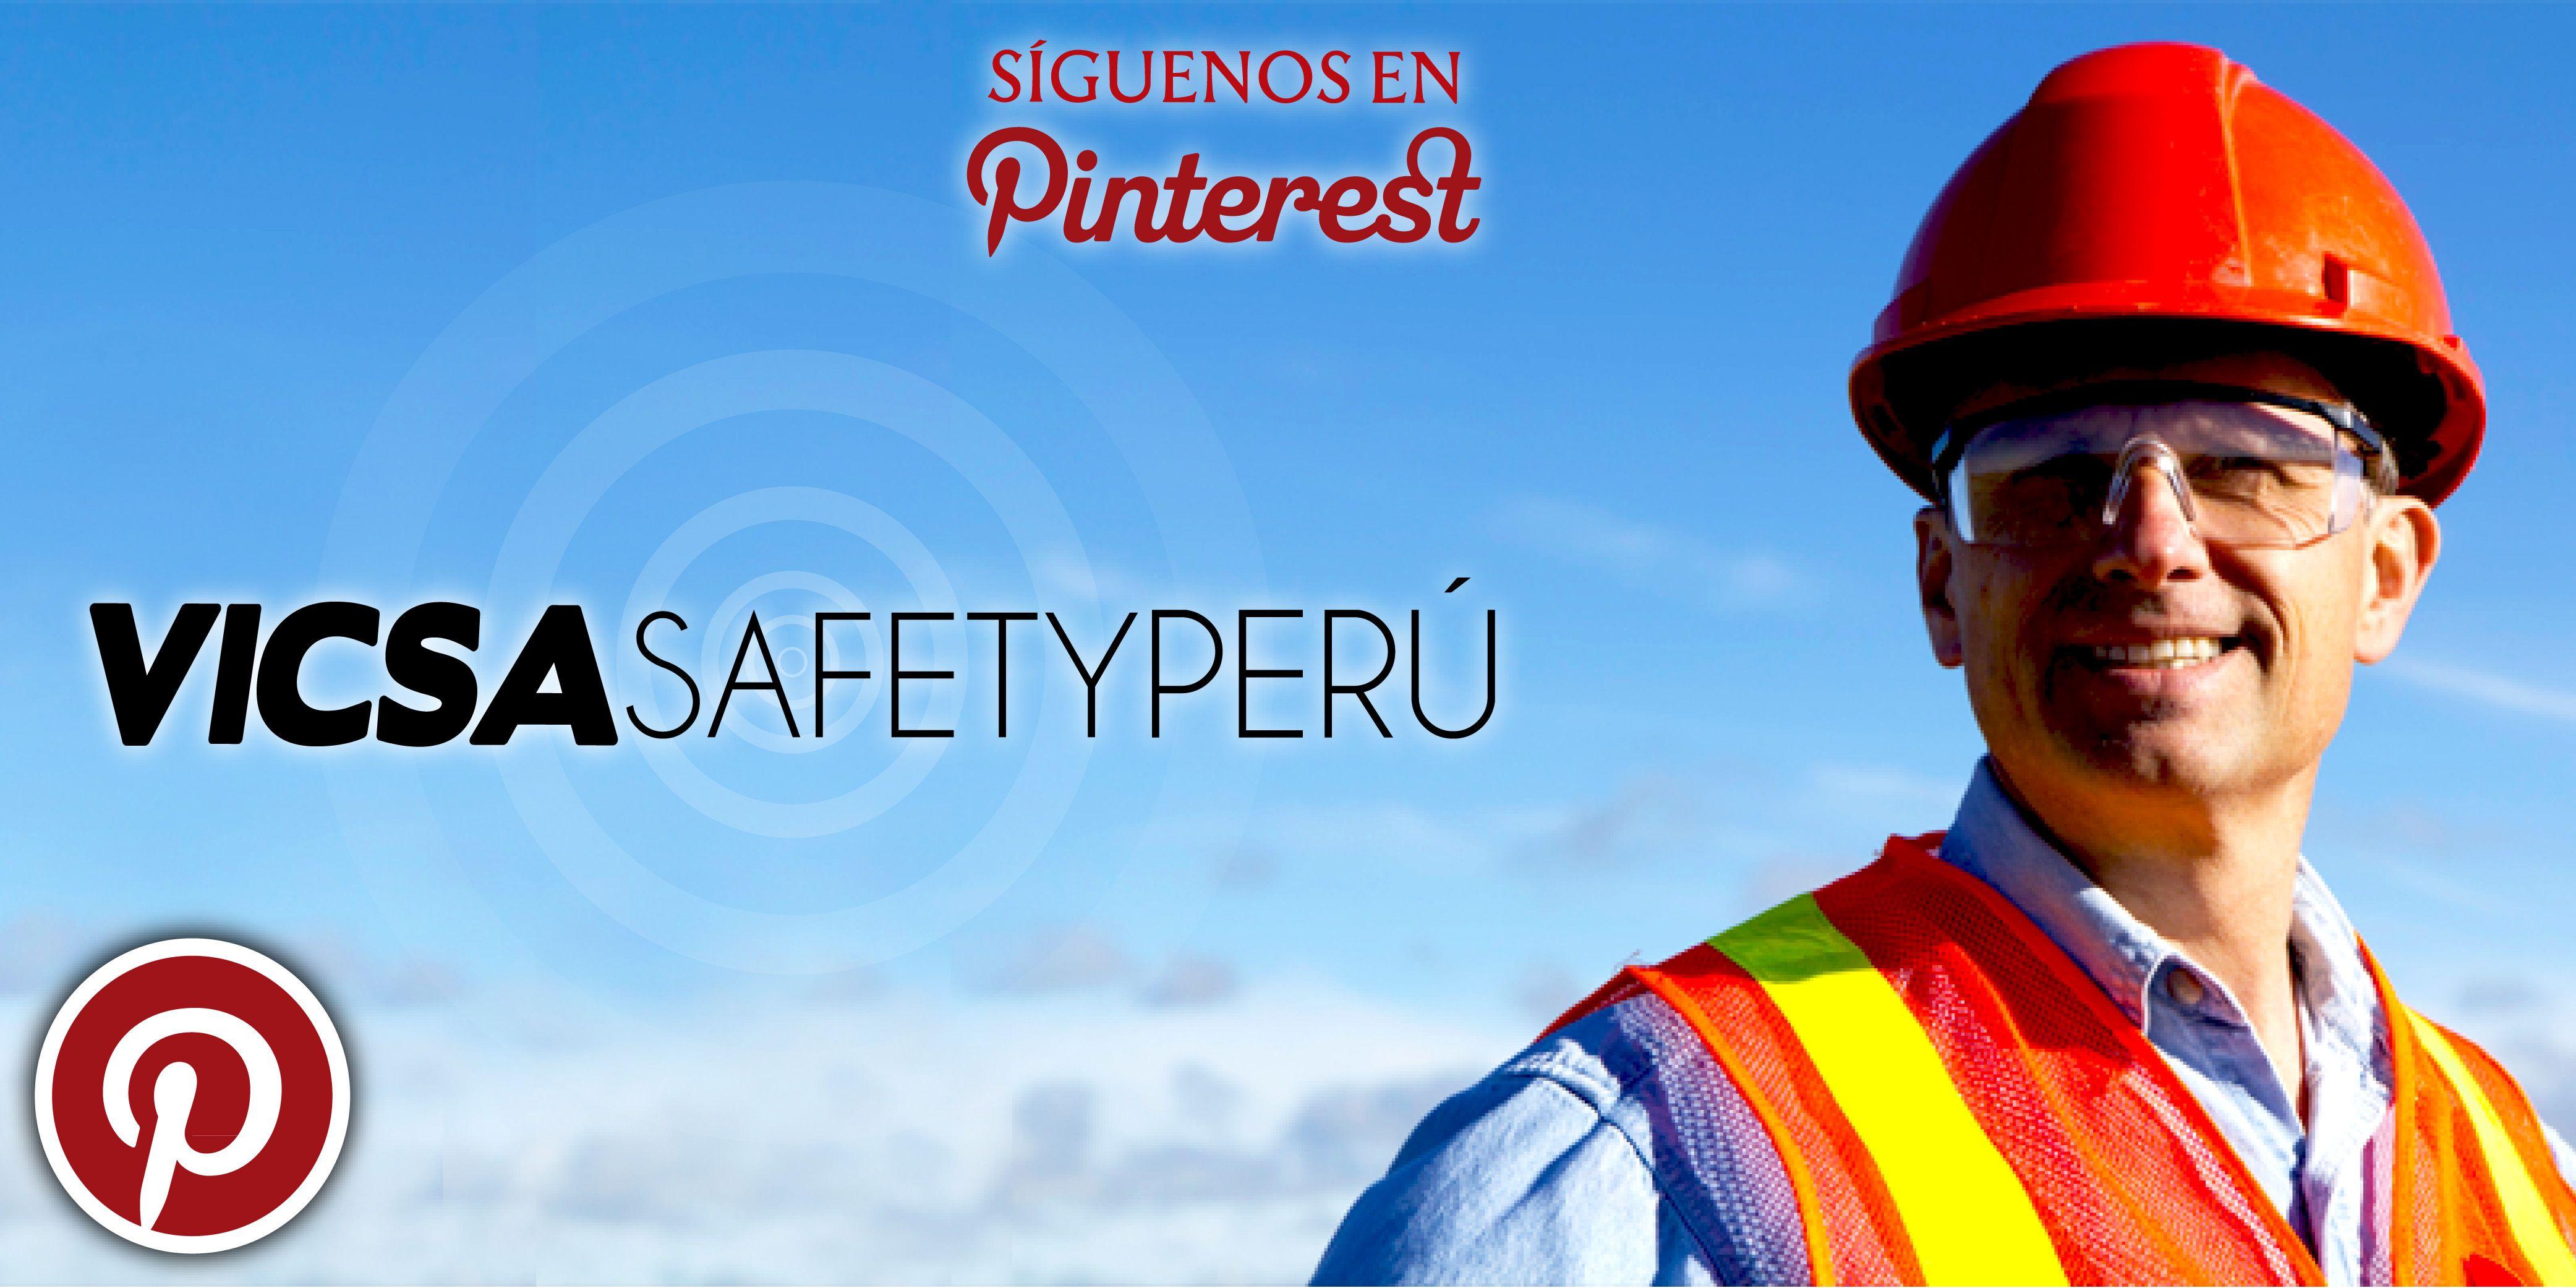 5f7c30b922 Visita nuestro Pinterest [VICSA Safety Perú], y descubre lo más reciente de  nuestro